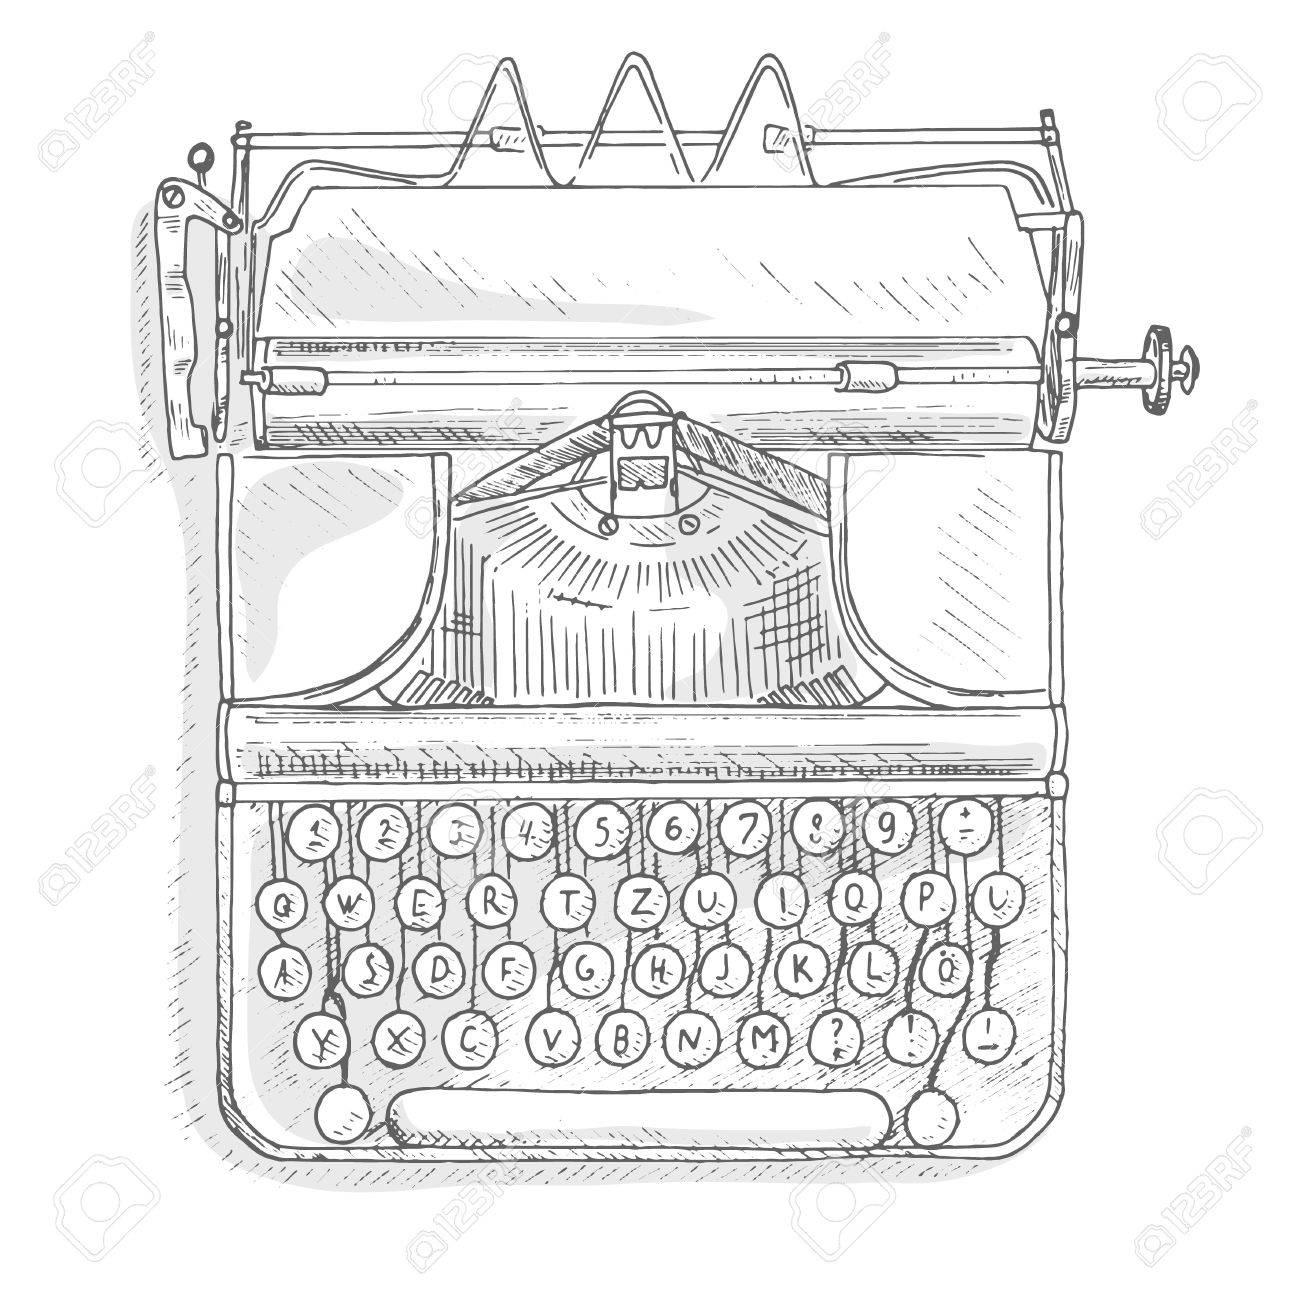 Antique typewriter  Vintage typewriter machine  Journalist equipment